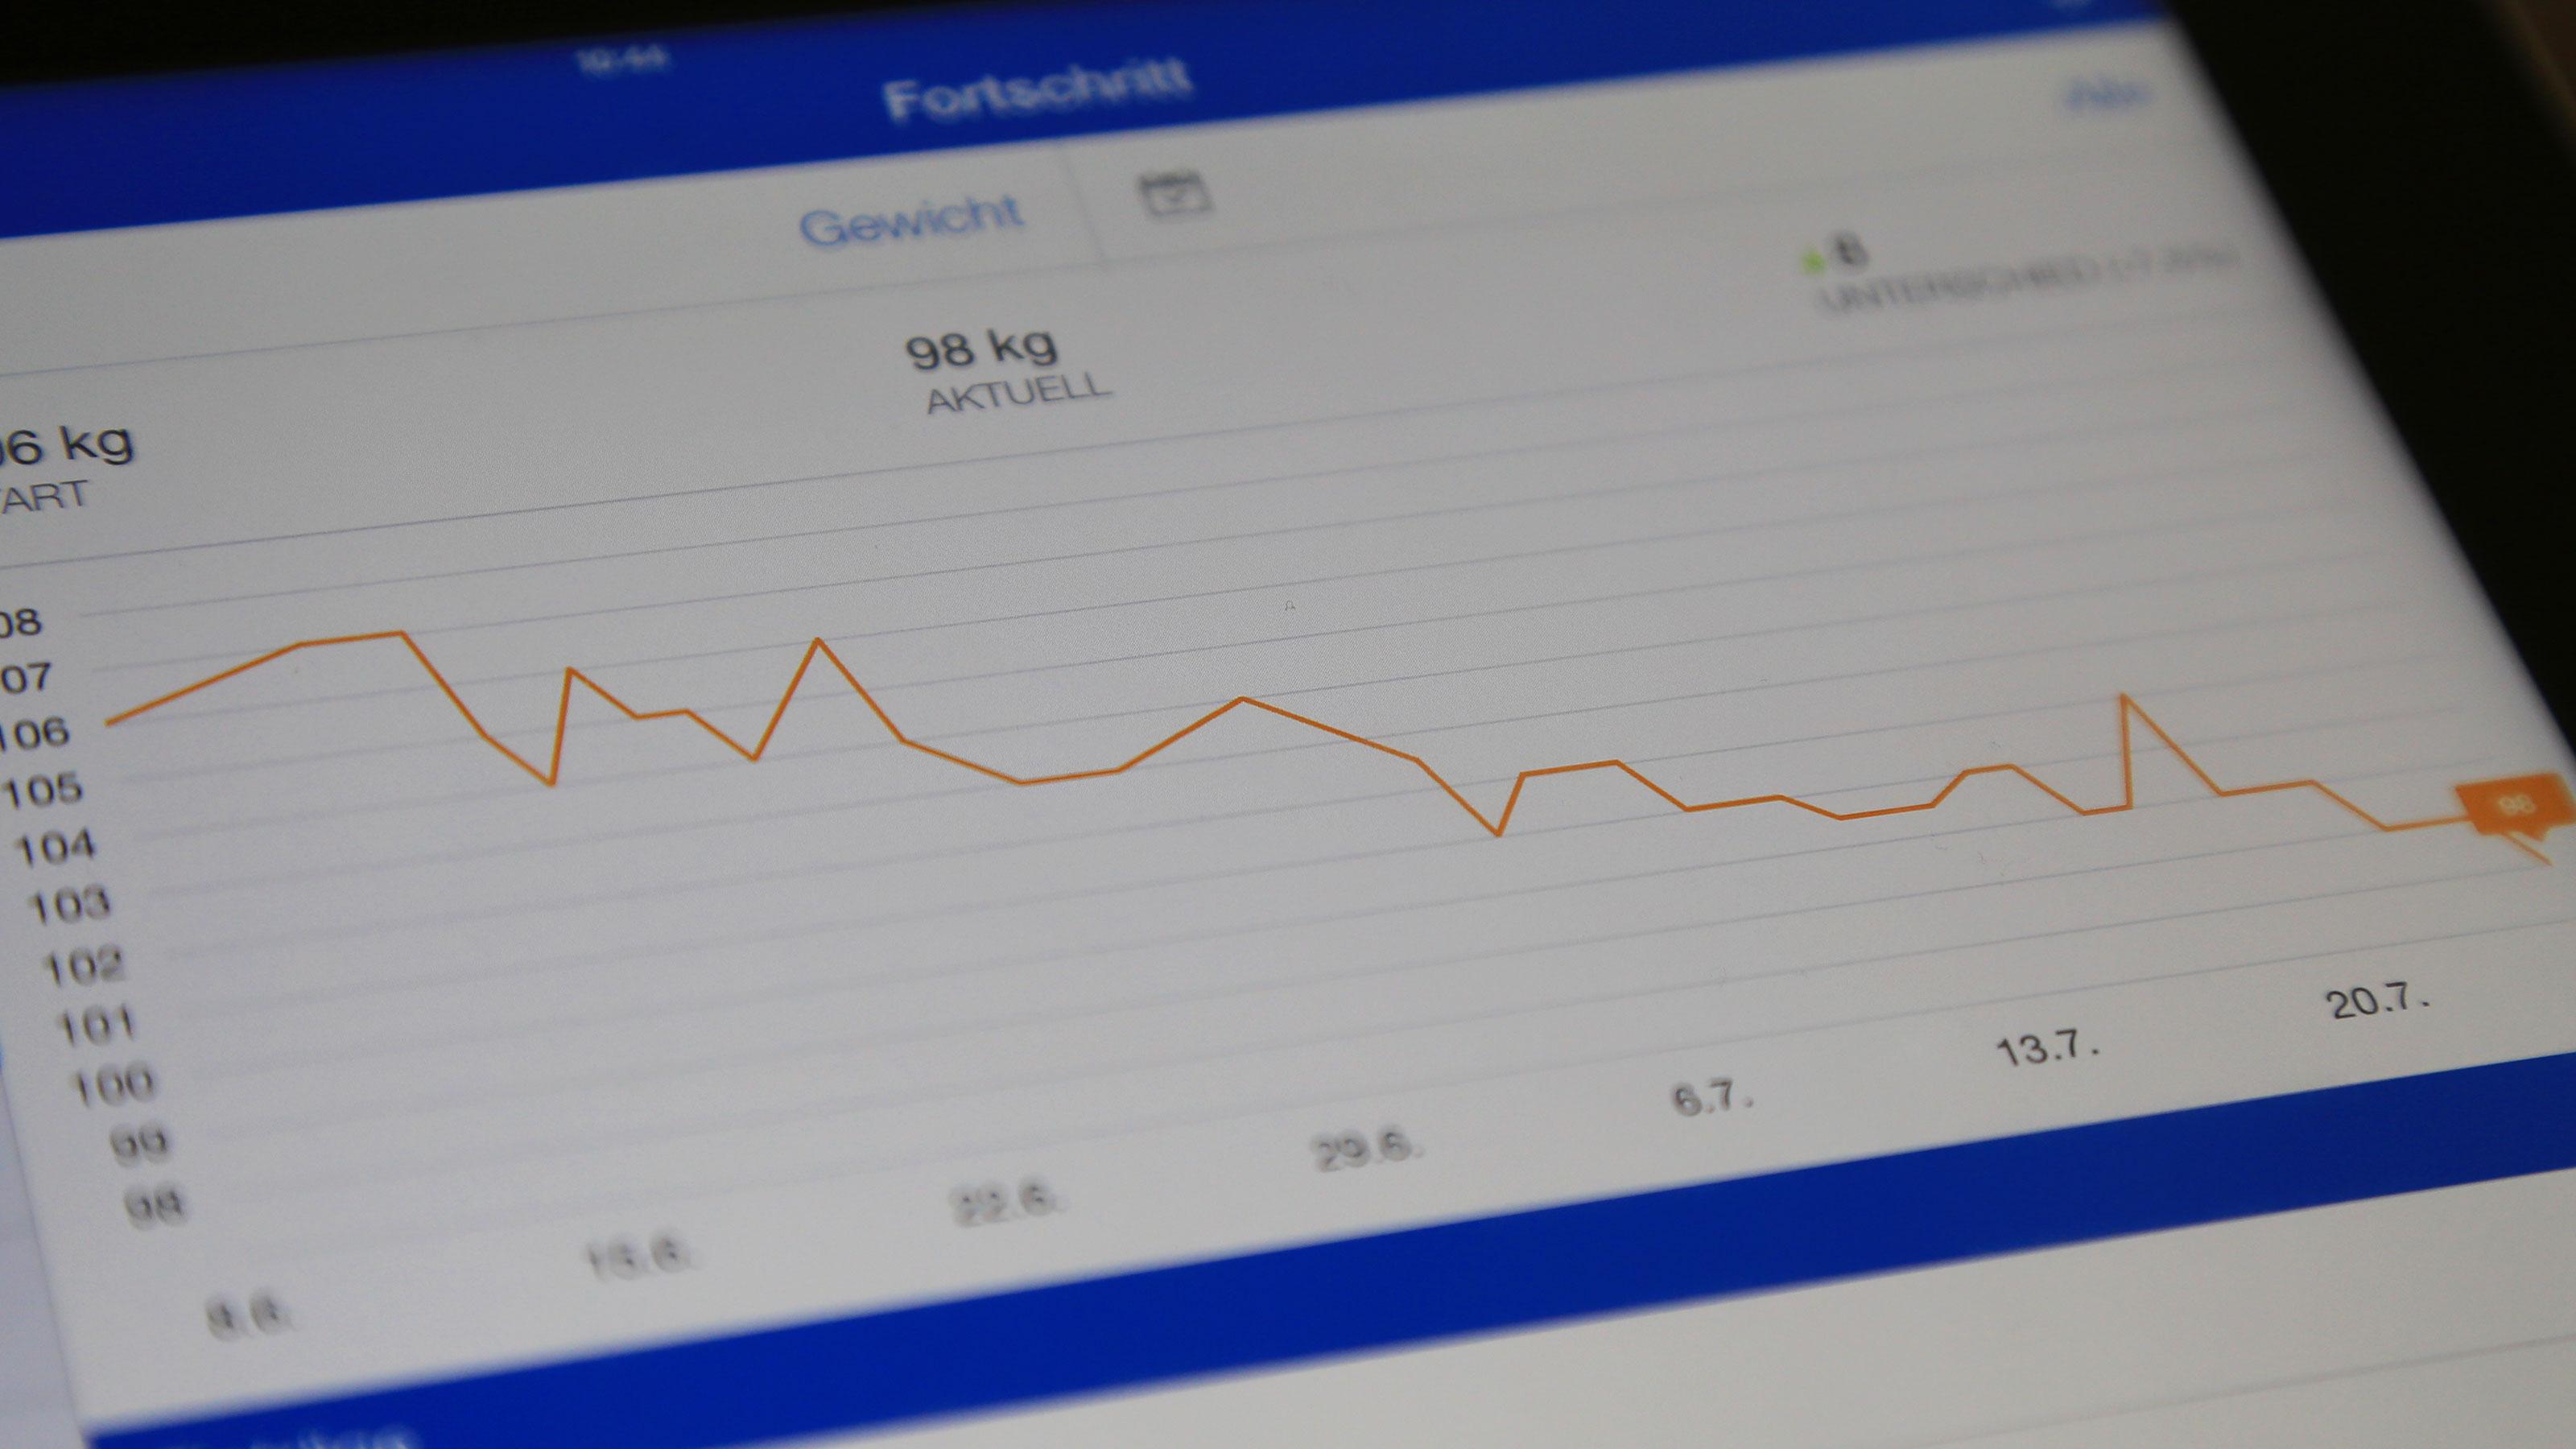 Meine Gewichtskurve zwischen Pfingsten und 25. Juli 2014